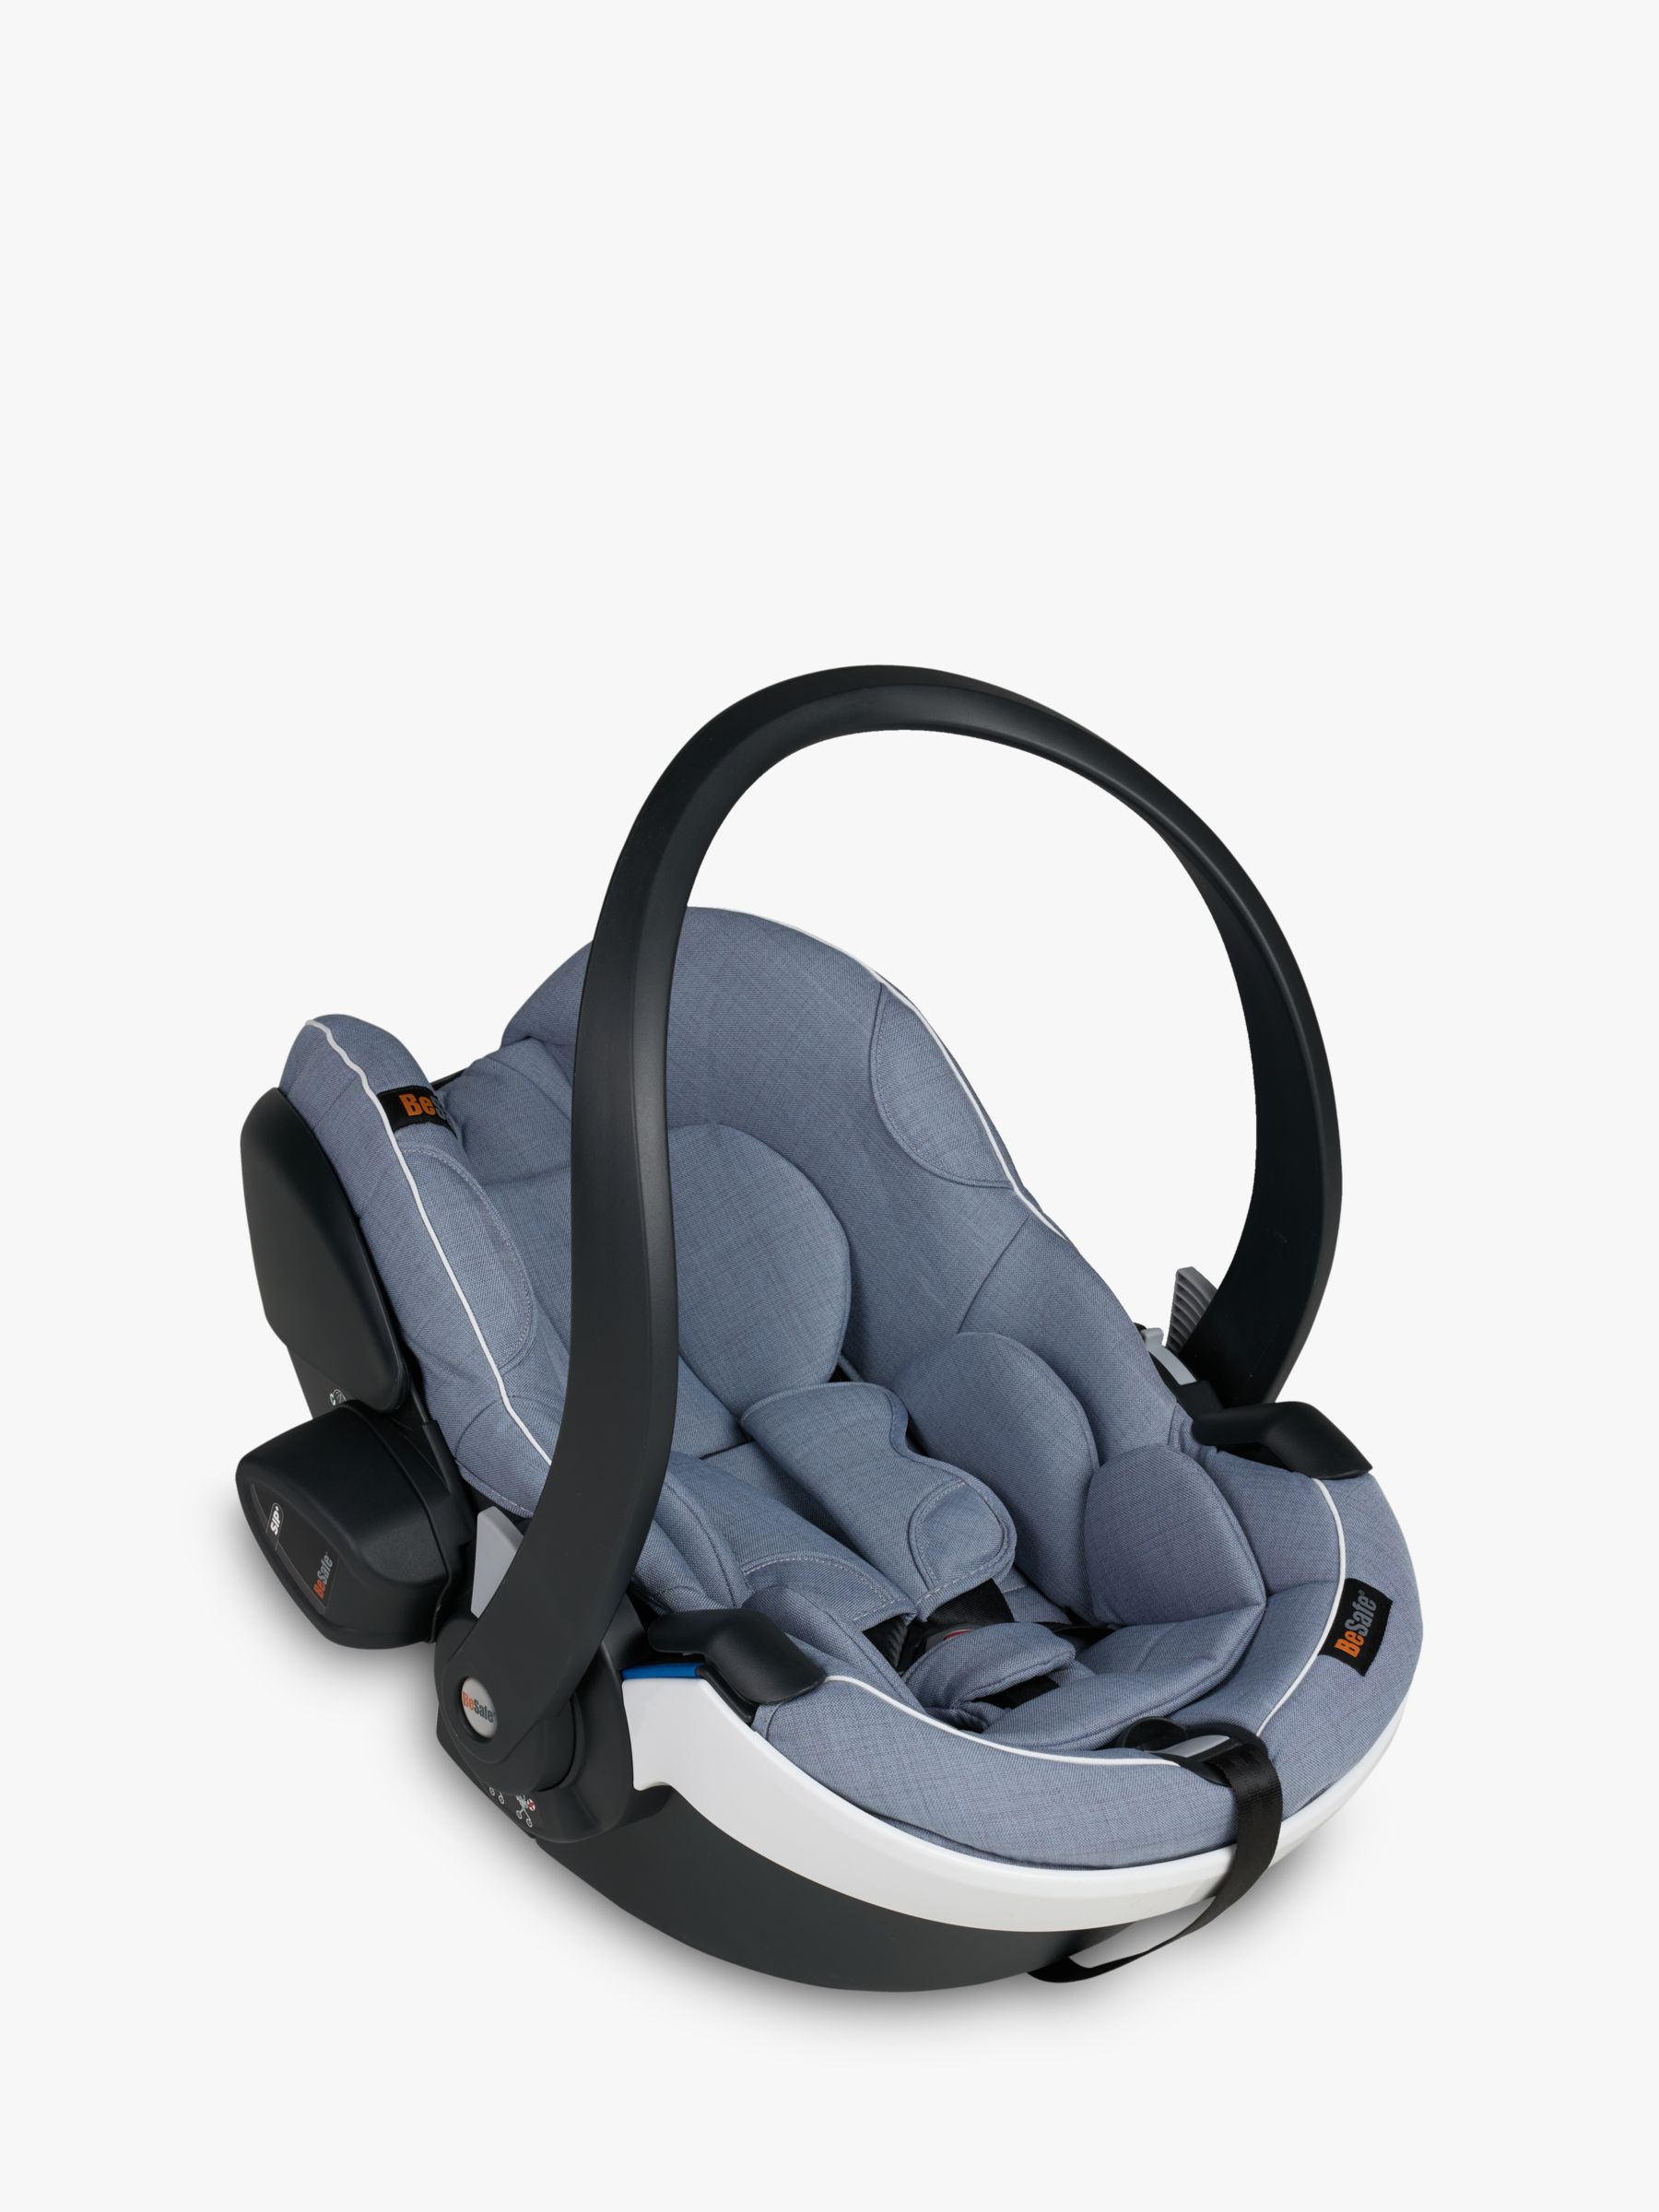 BeSafe BeSafe iZi Go Modular X1 i-Size Baby Car Seat, Cloud Melange